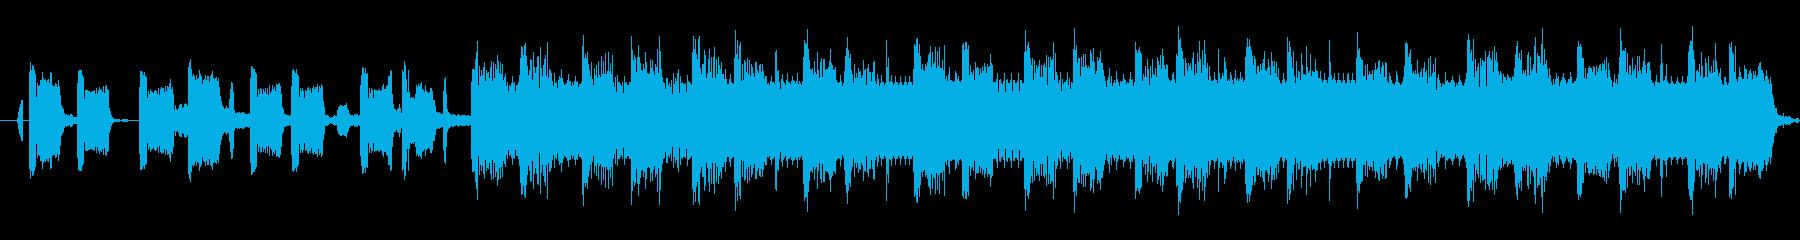 夜のプールで炭酸を飲む男のメロウグルーブの再生済みの波形